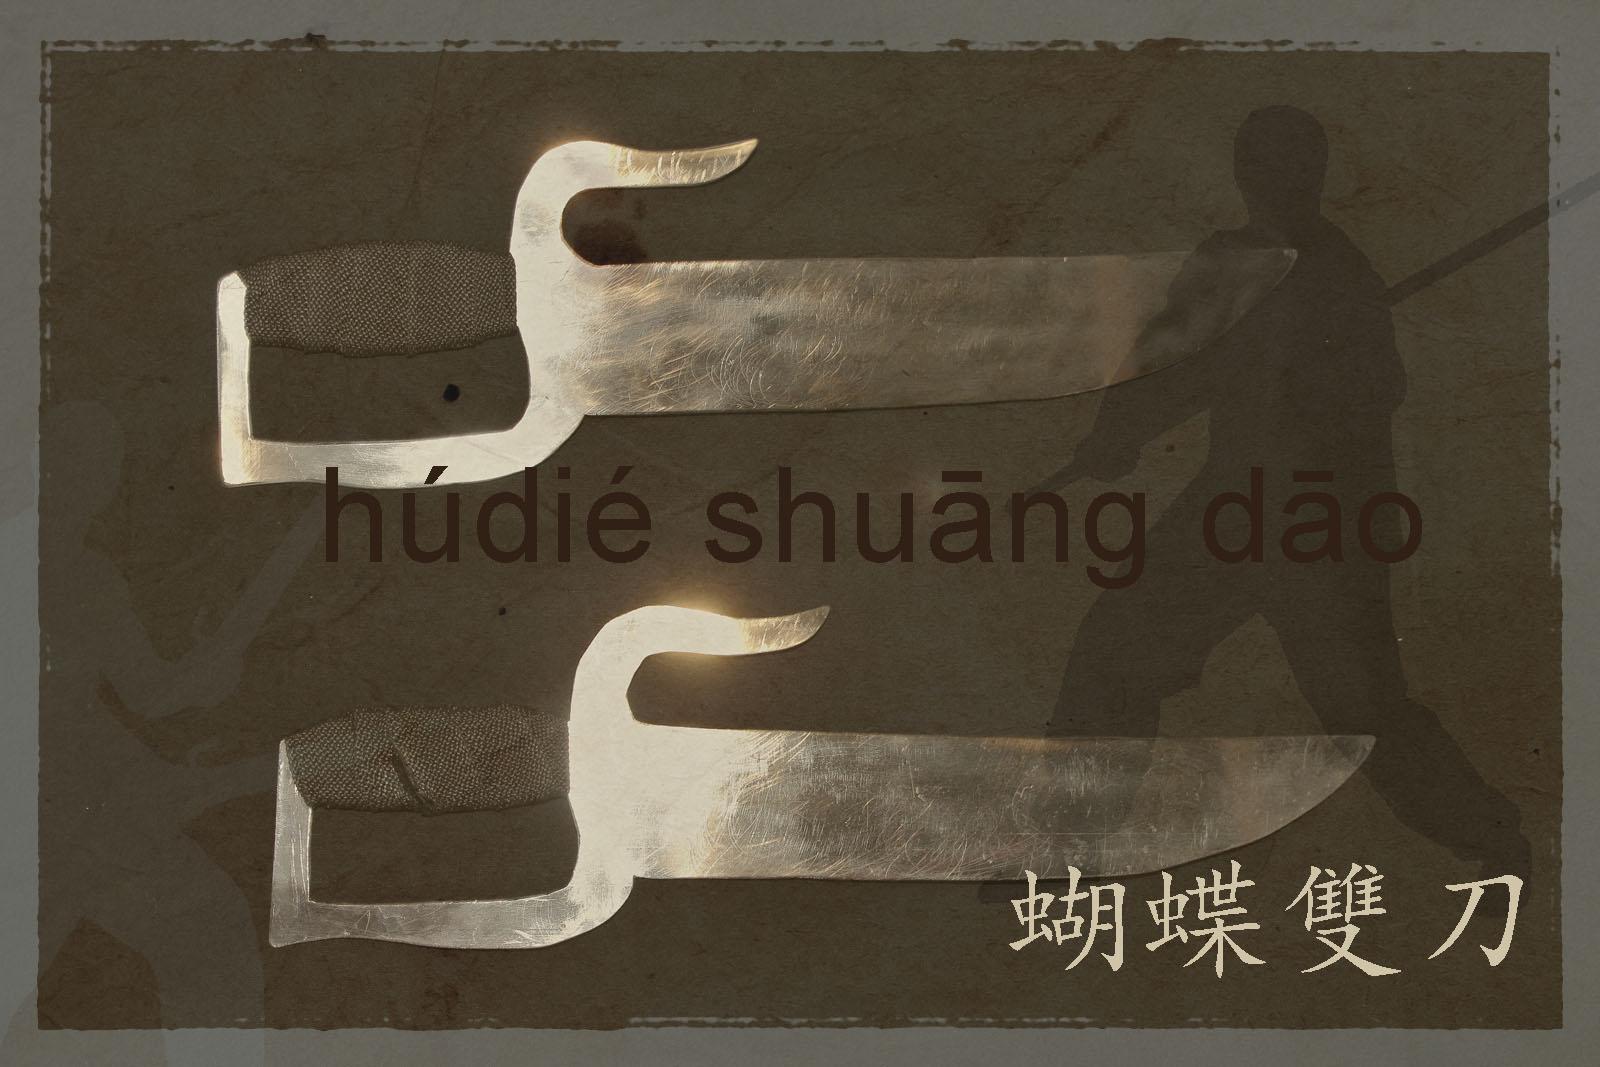 Hudie Shuang Dao